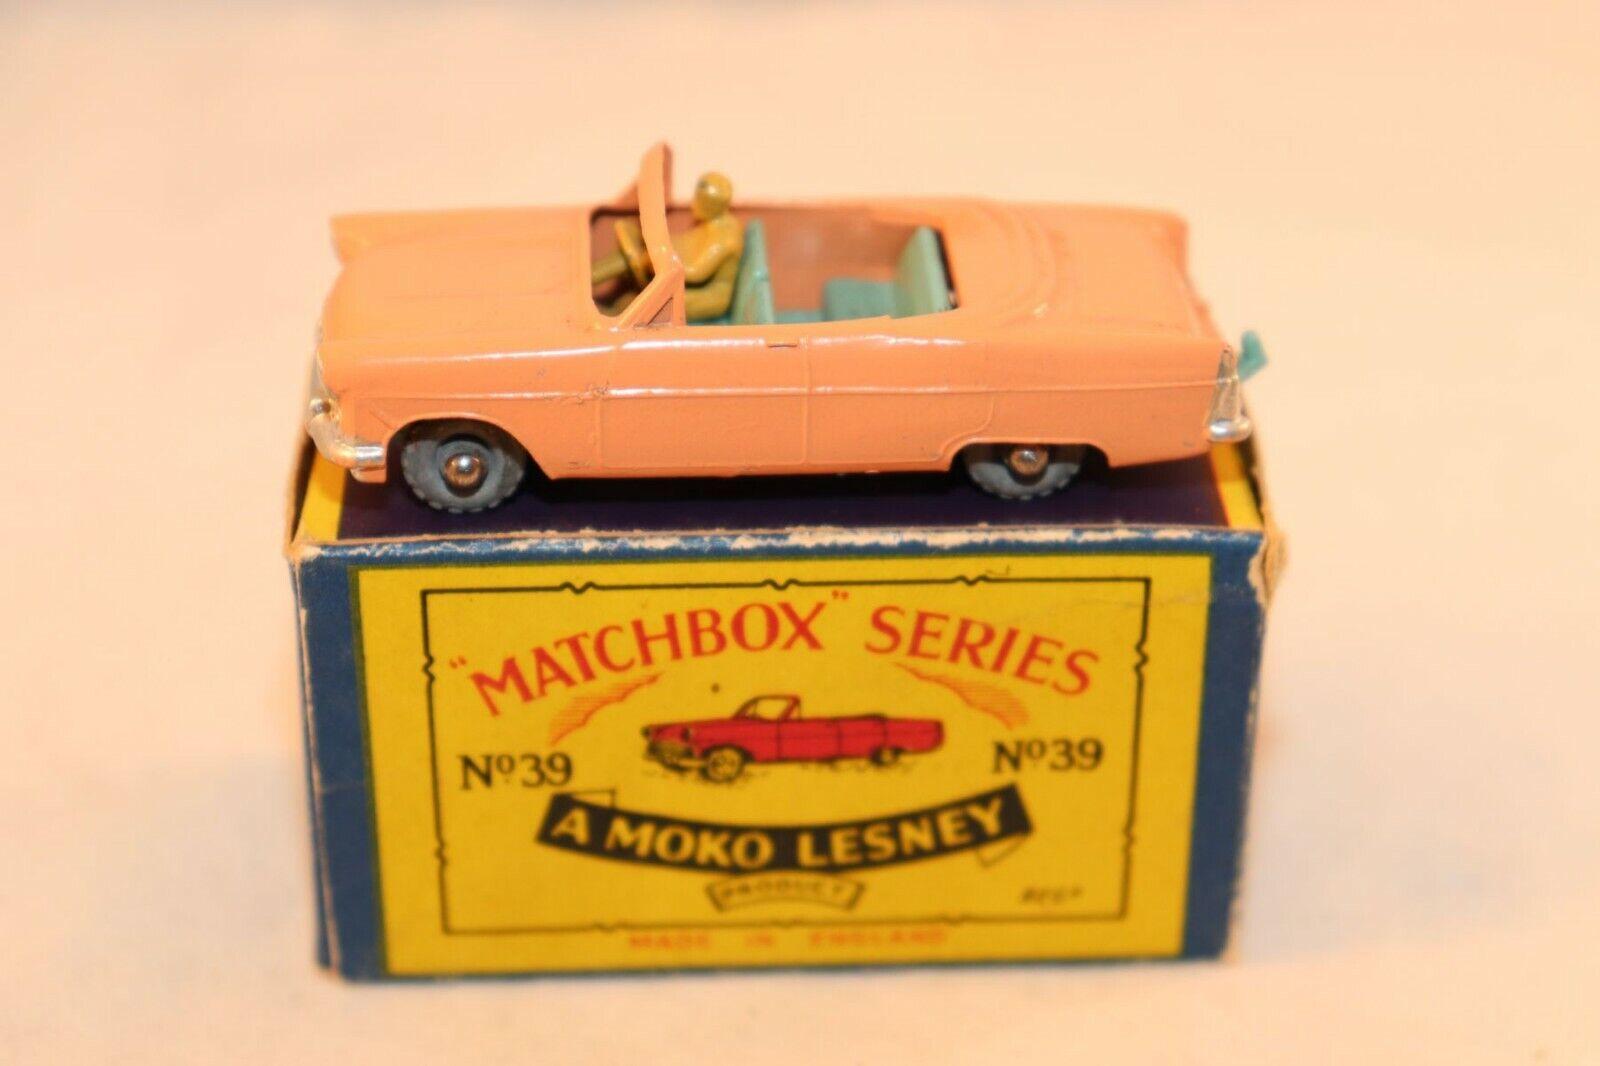 ボックスのすべての元のボックスのレスビー39フォードフォードゾディアック転換VNミントボックス